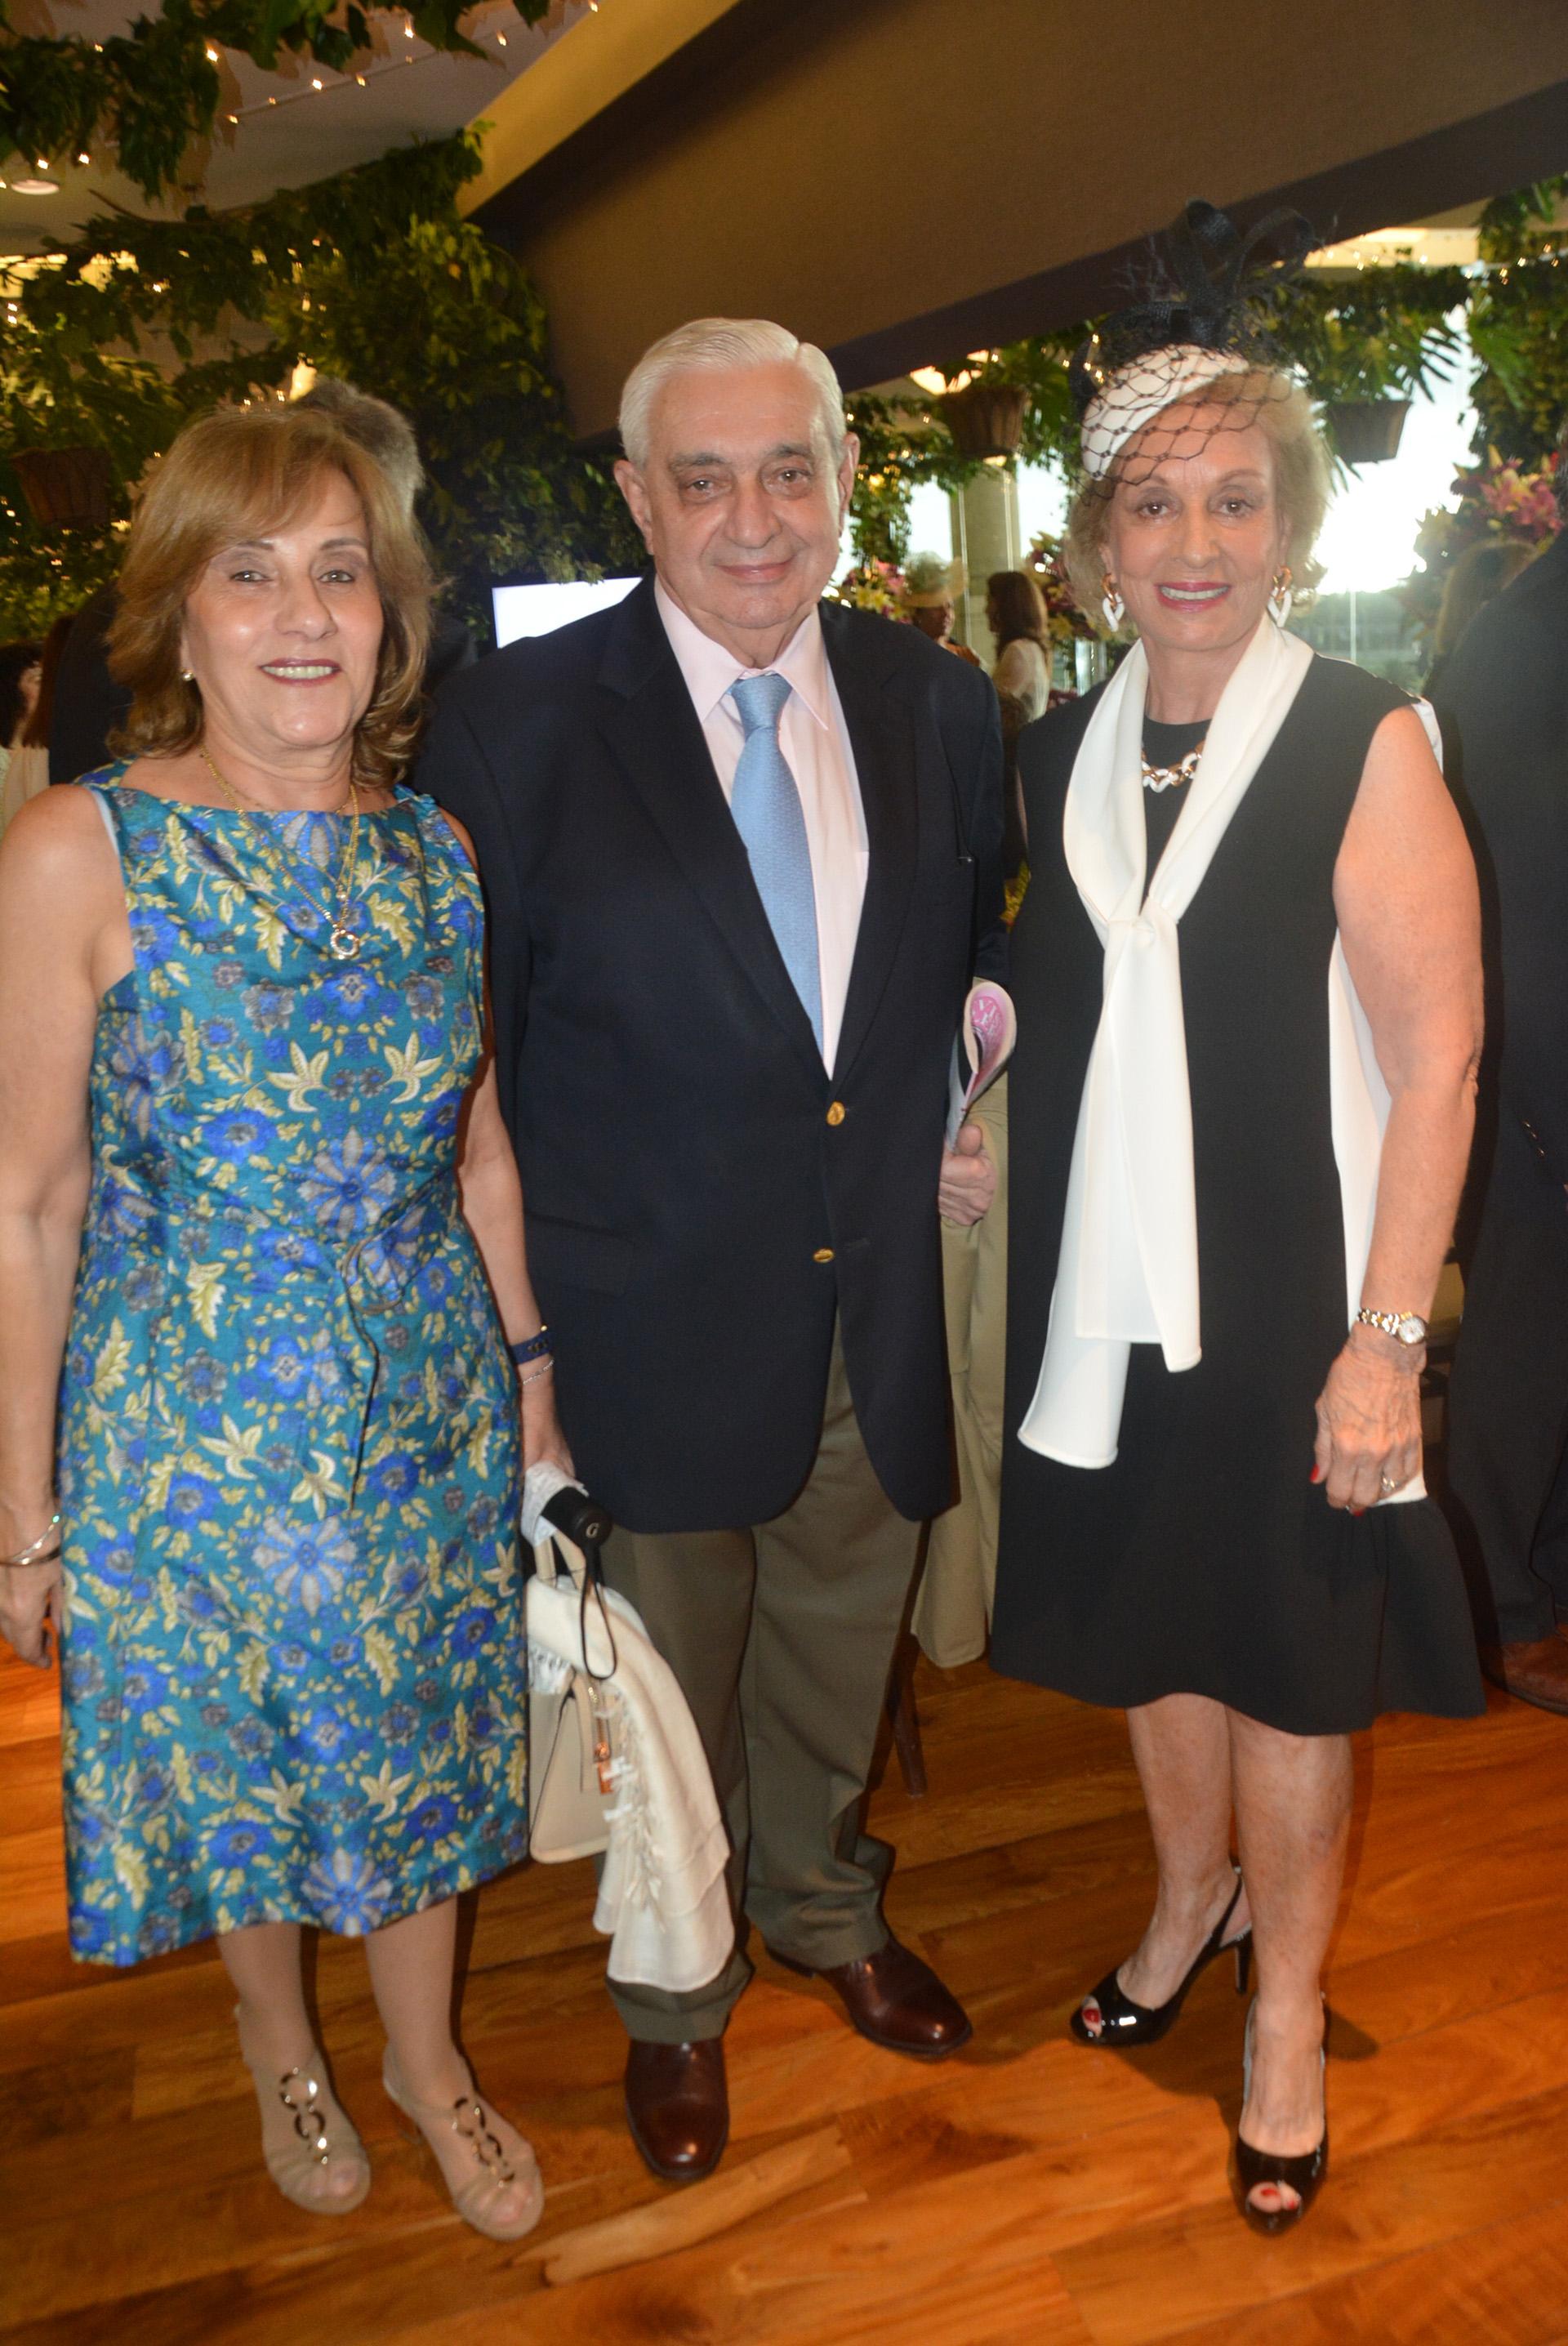 El presidente de la Bolsa de Comercio de Buenos Aires, Adelmo Gabbi, y su mujer junto a Miriam Bagó